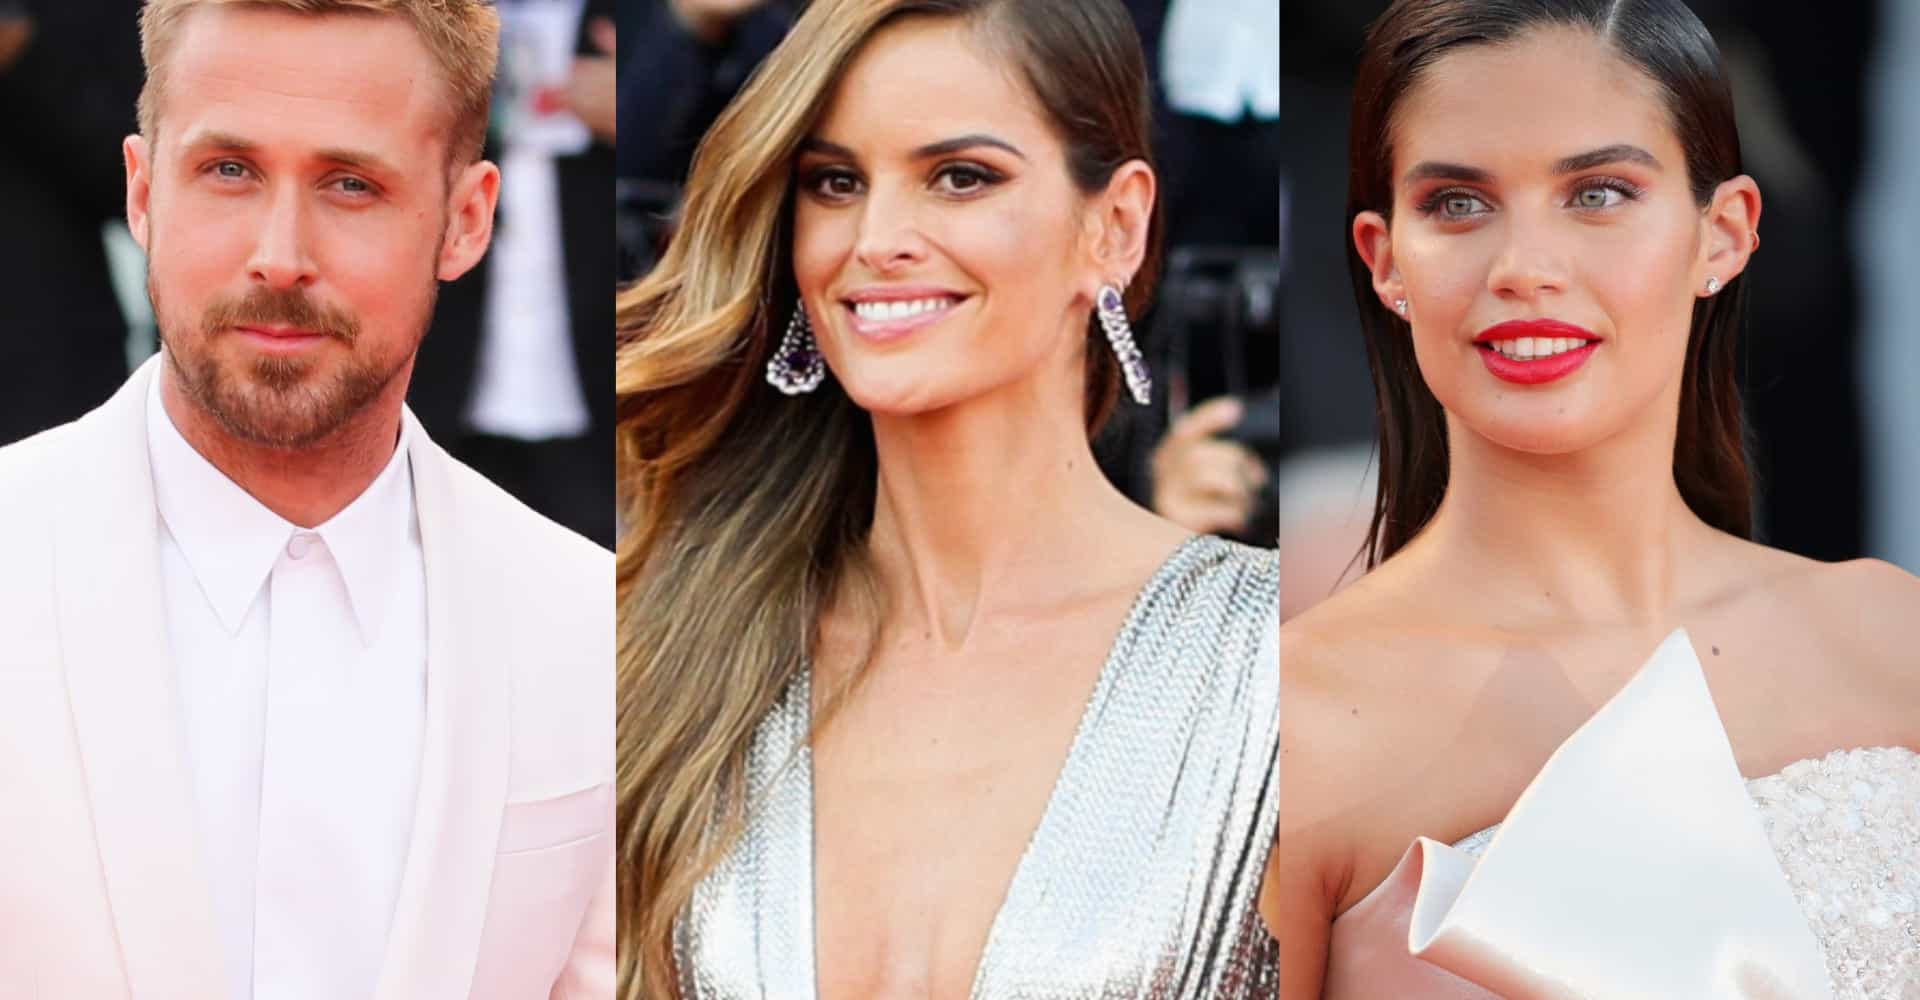 Filmfestivalen i Venedig 2018: De bedst (og værst) klædte